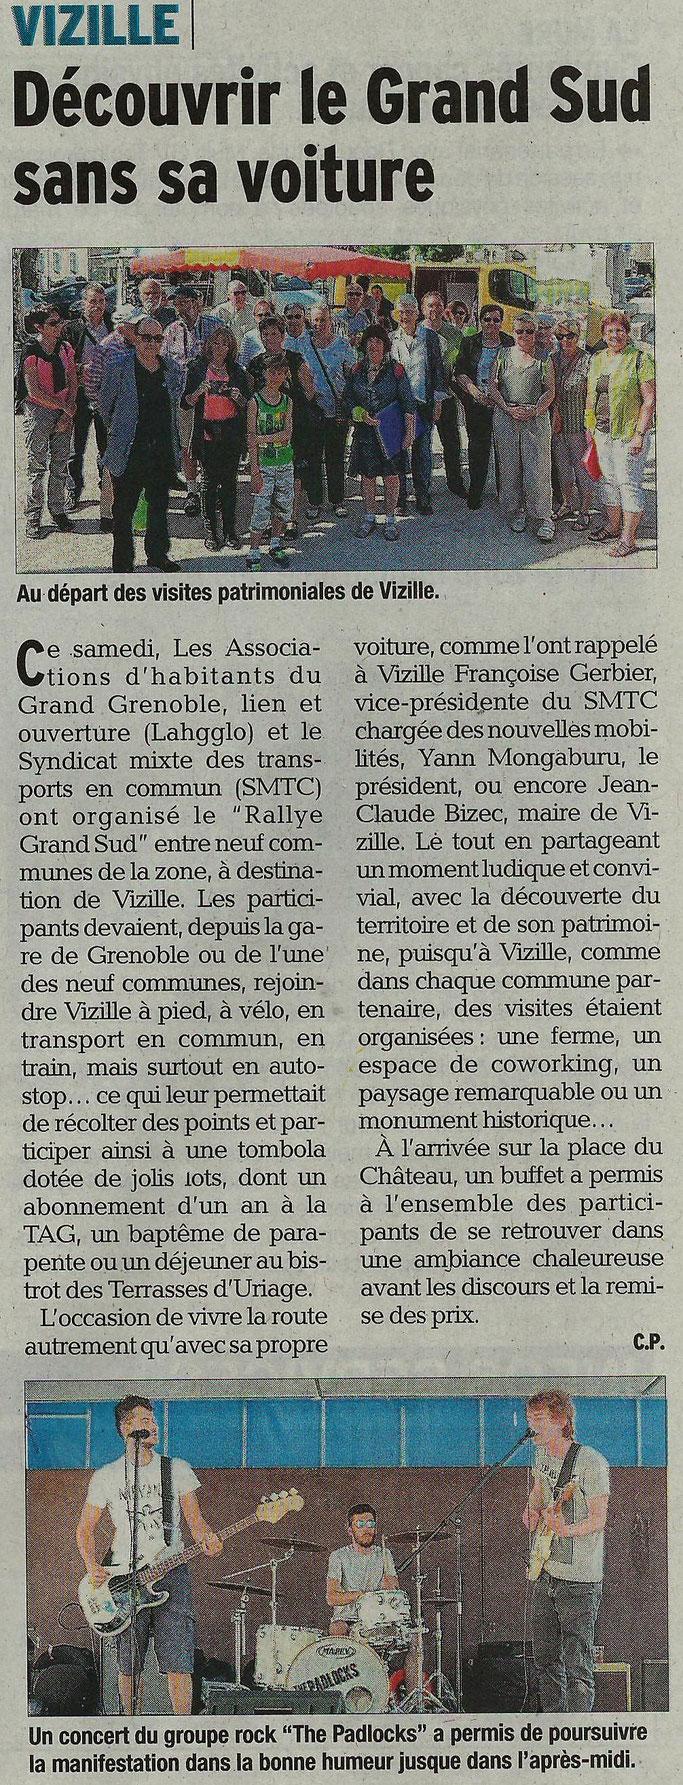 Dauphiné Libéré, Romanche & Oisans, Vizille édition du 23 avril 2018, article et photo Chrystelle Pernet